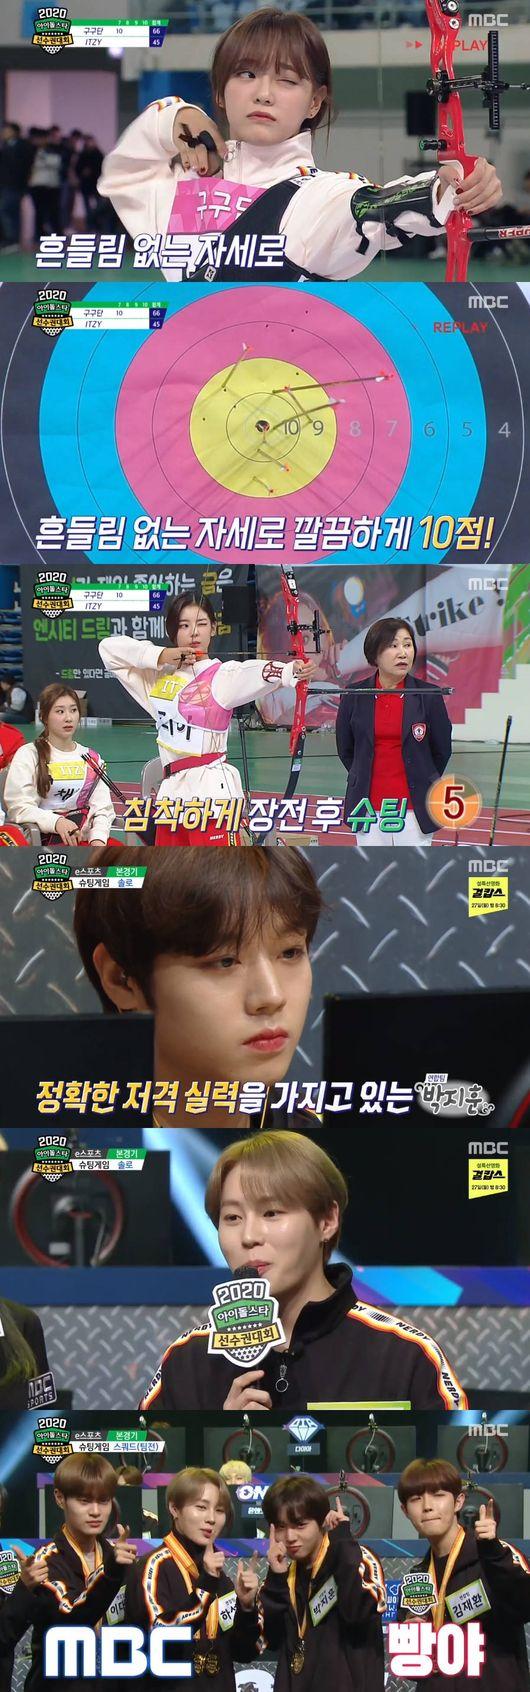 [사진=MBC 방송화면] '아육대'에서 구구단, 워너원 등이 맹활약했다.